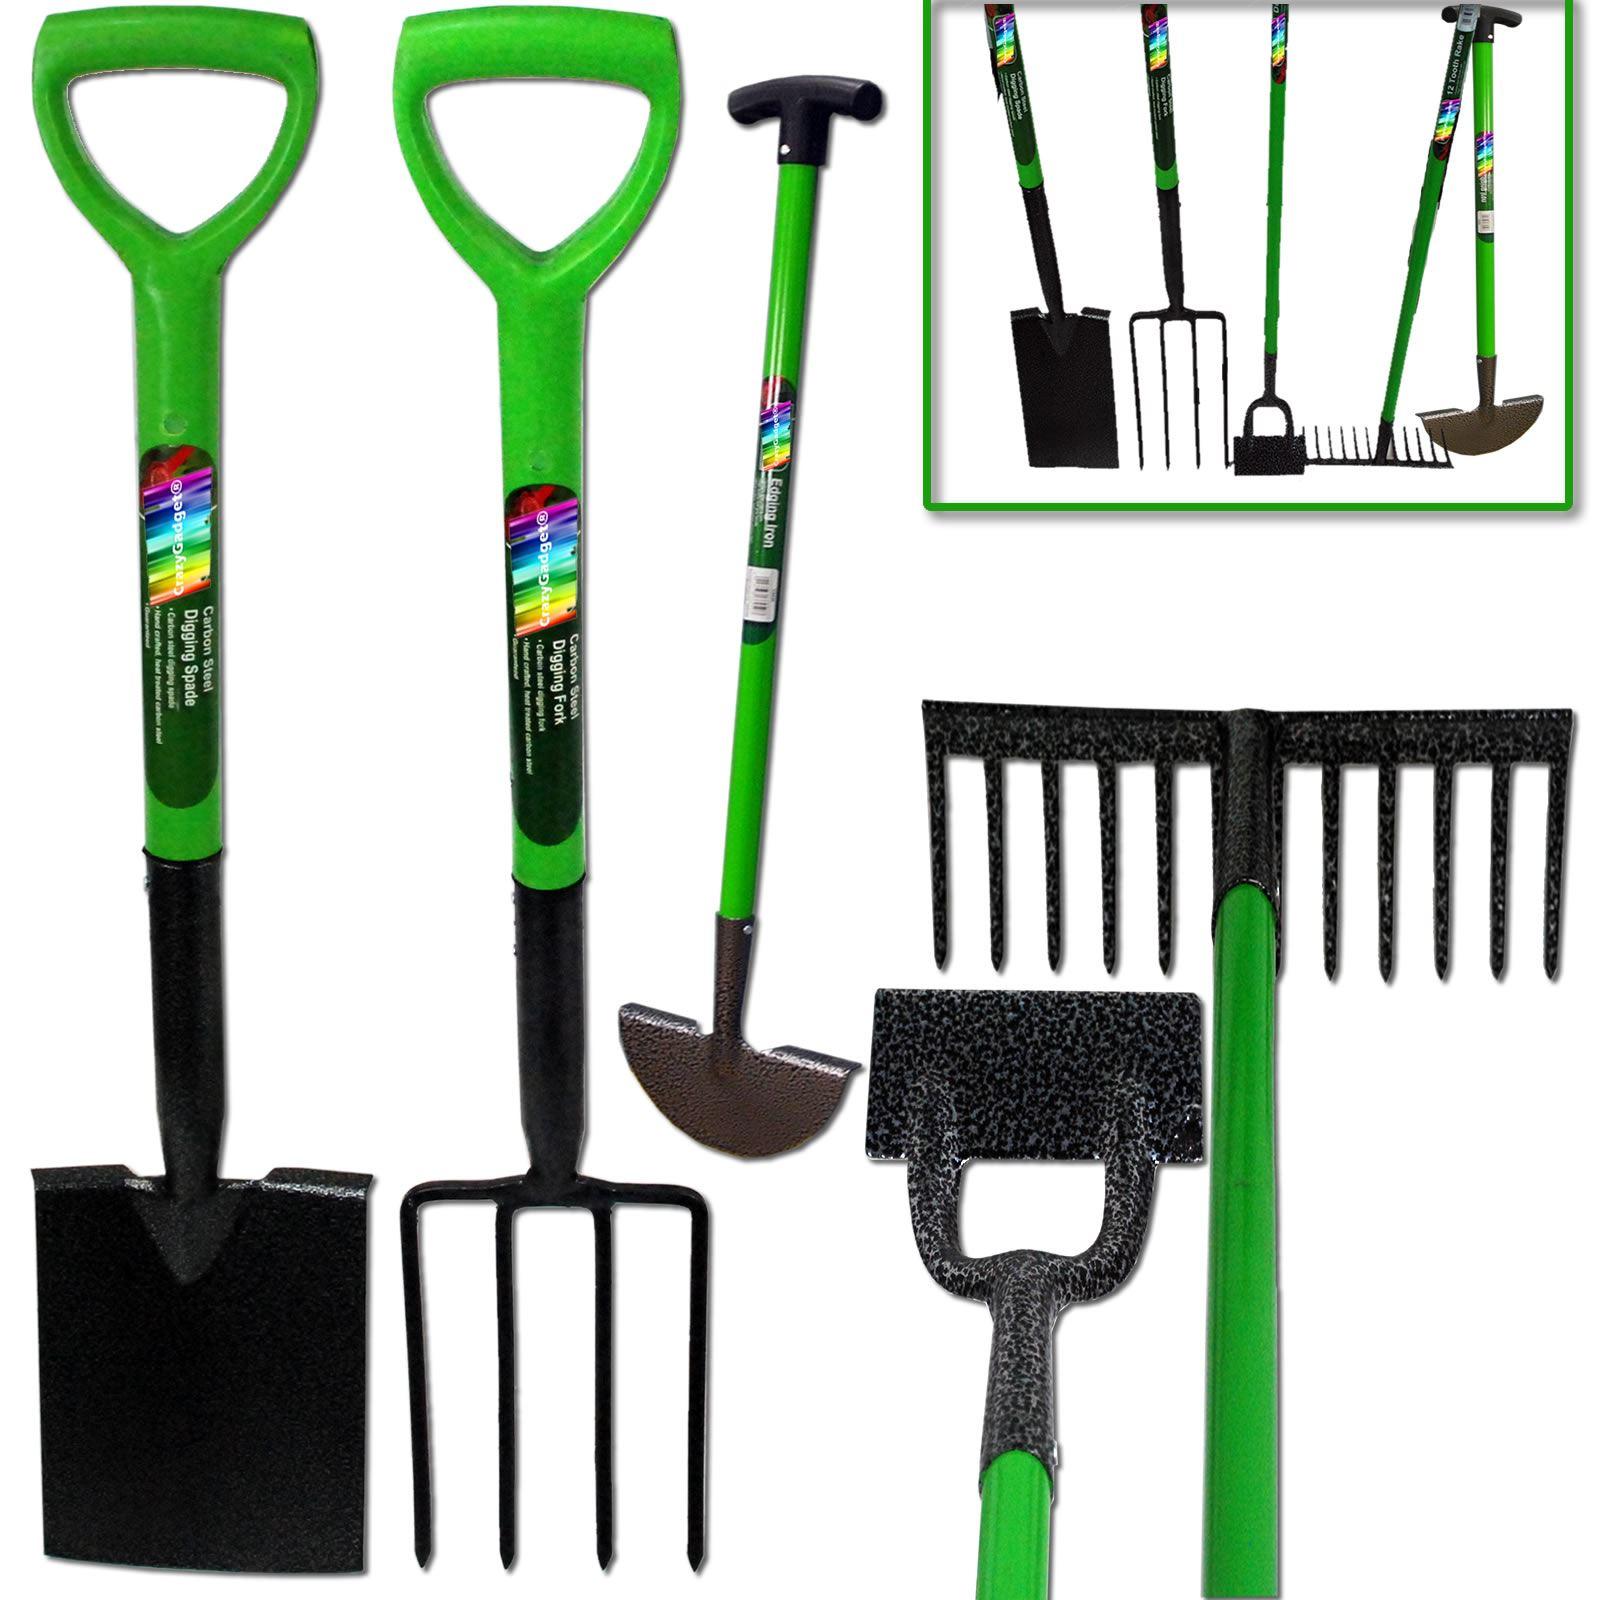 Kingfisher 5pcs gardening tool set rake fork hoe spade for Gardening tools kit set